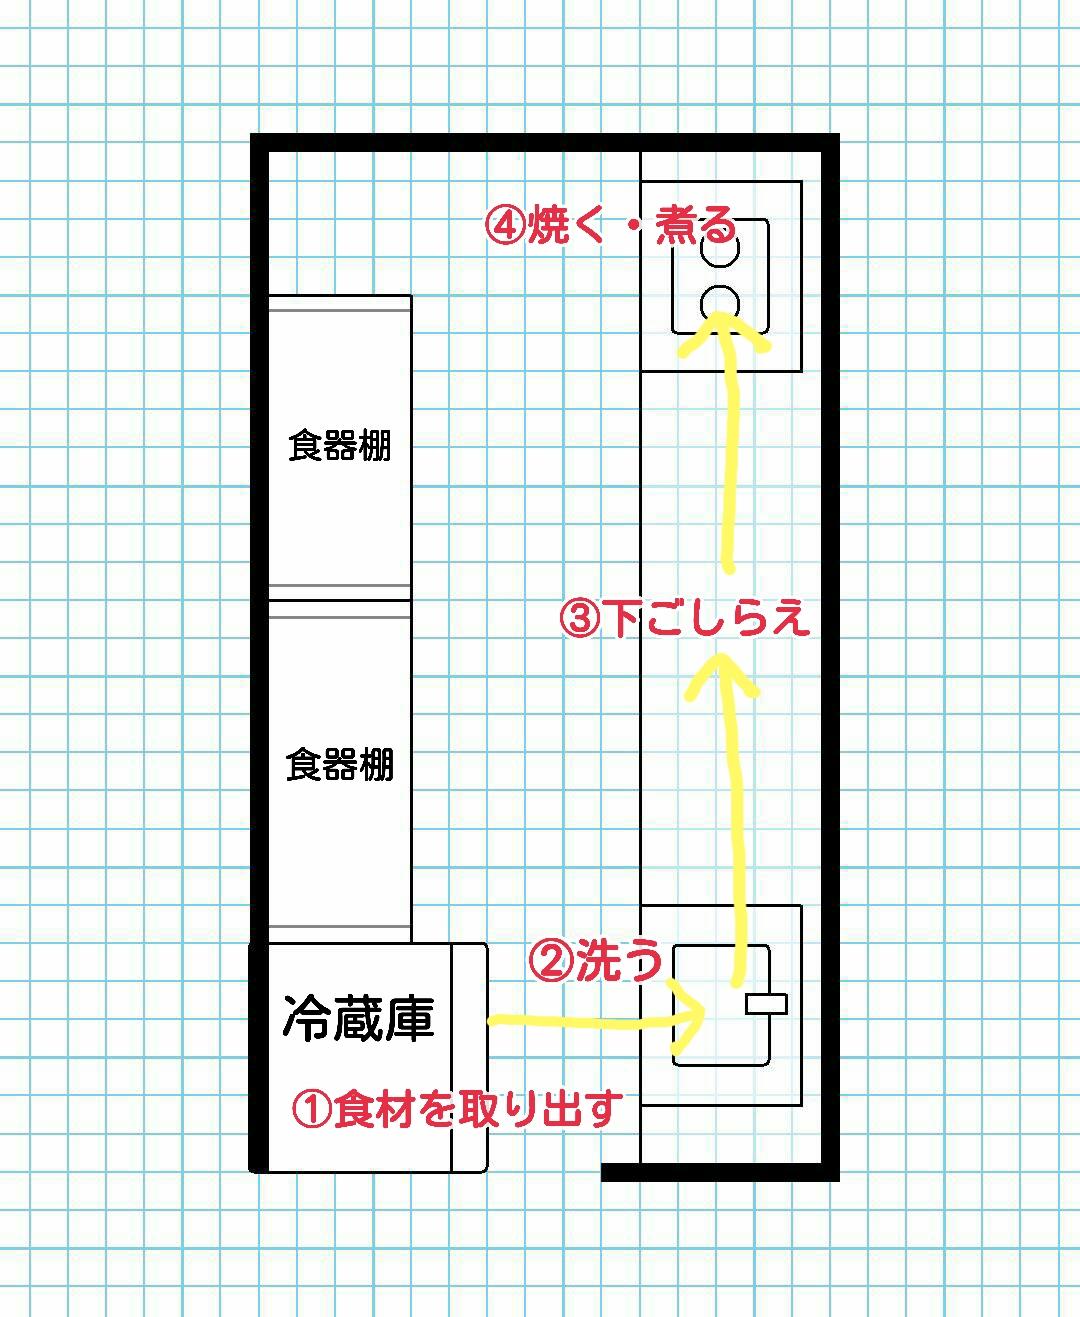 キッチン動線から考える、冷蔵庫の使いやすい配置